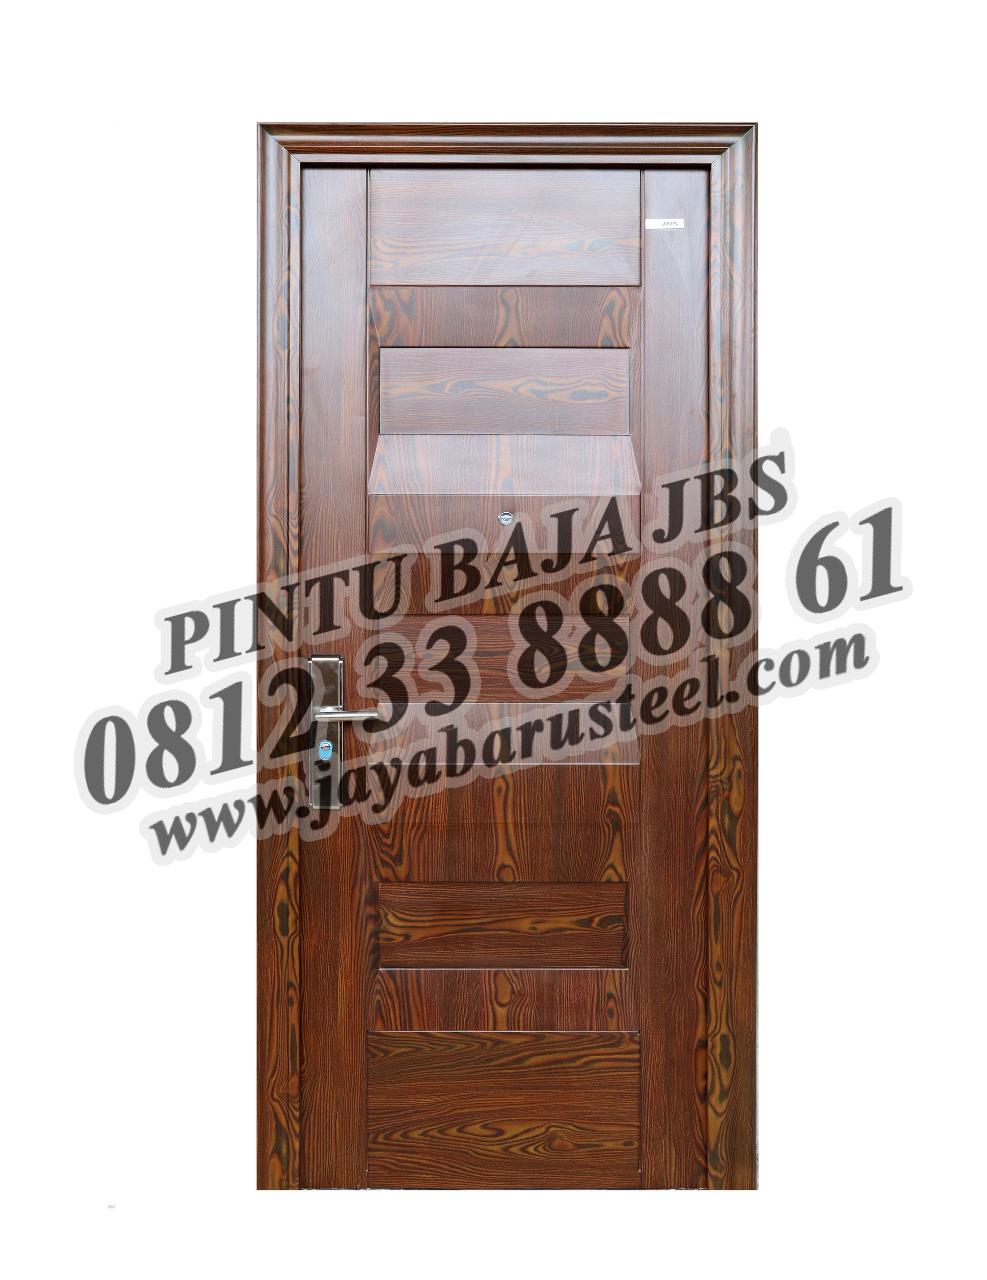 33 Contoh Pintu Dua Terbaru | Gubug Minimalis